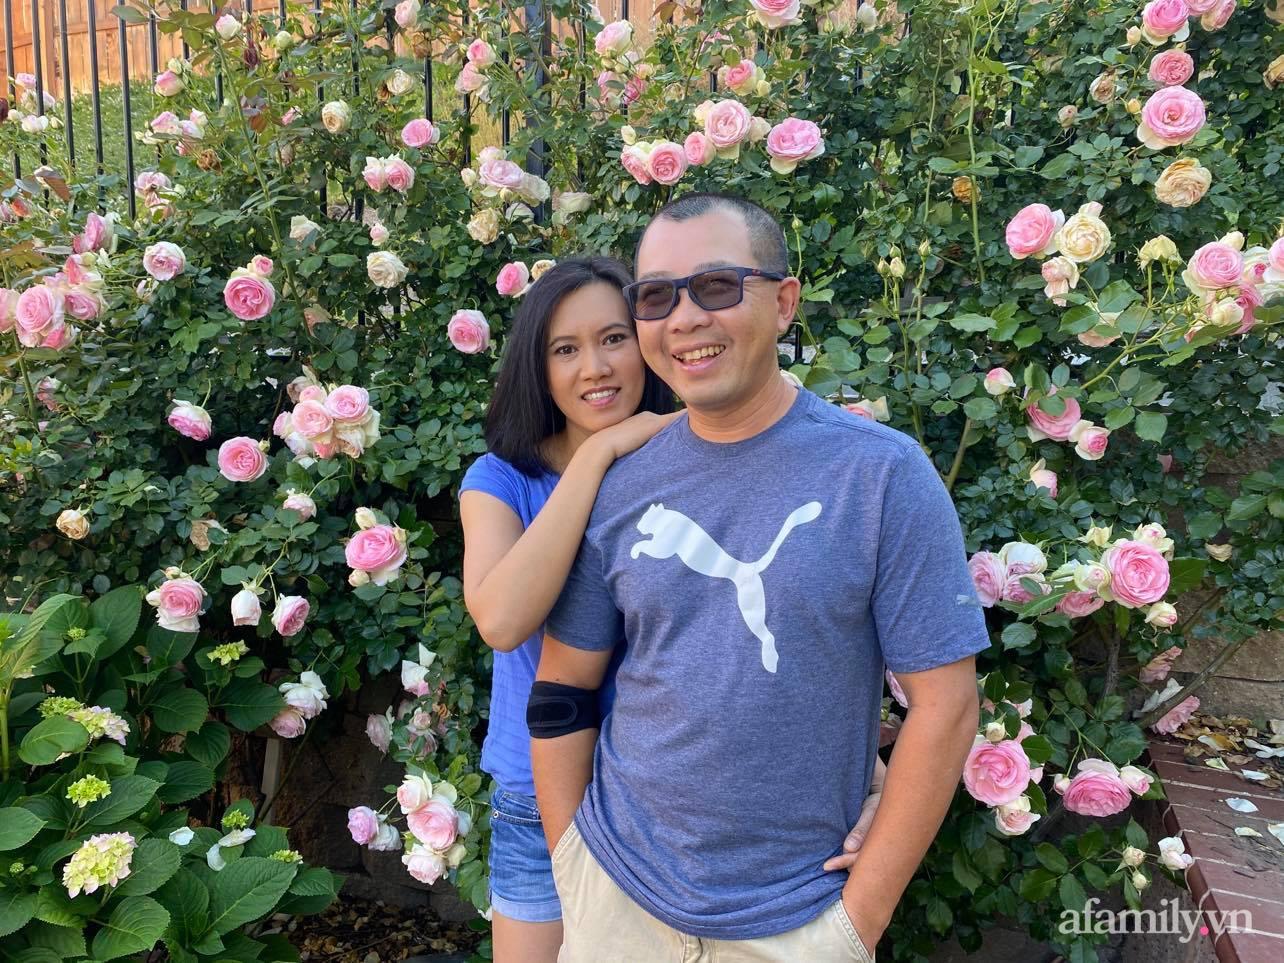 Khu vườn 750m² muôn hoa khoe sắc tỏa hương của mẹ Việt thức đêm chăm cây ở Mỹ - Ảnh 2.